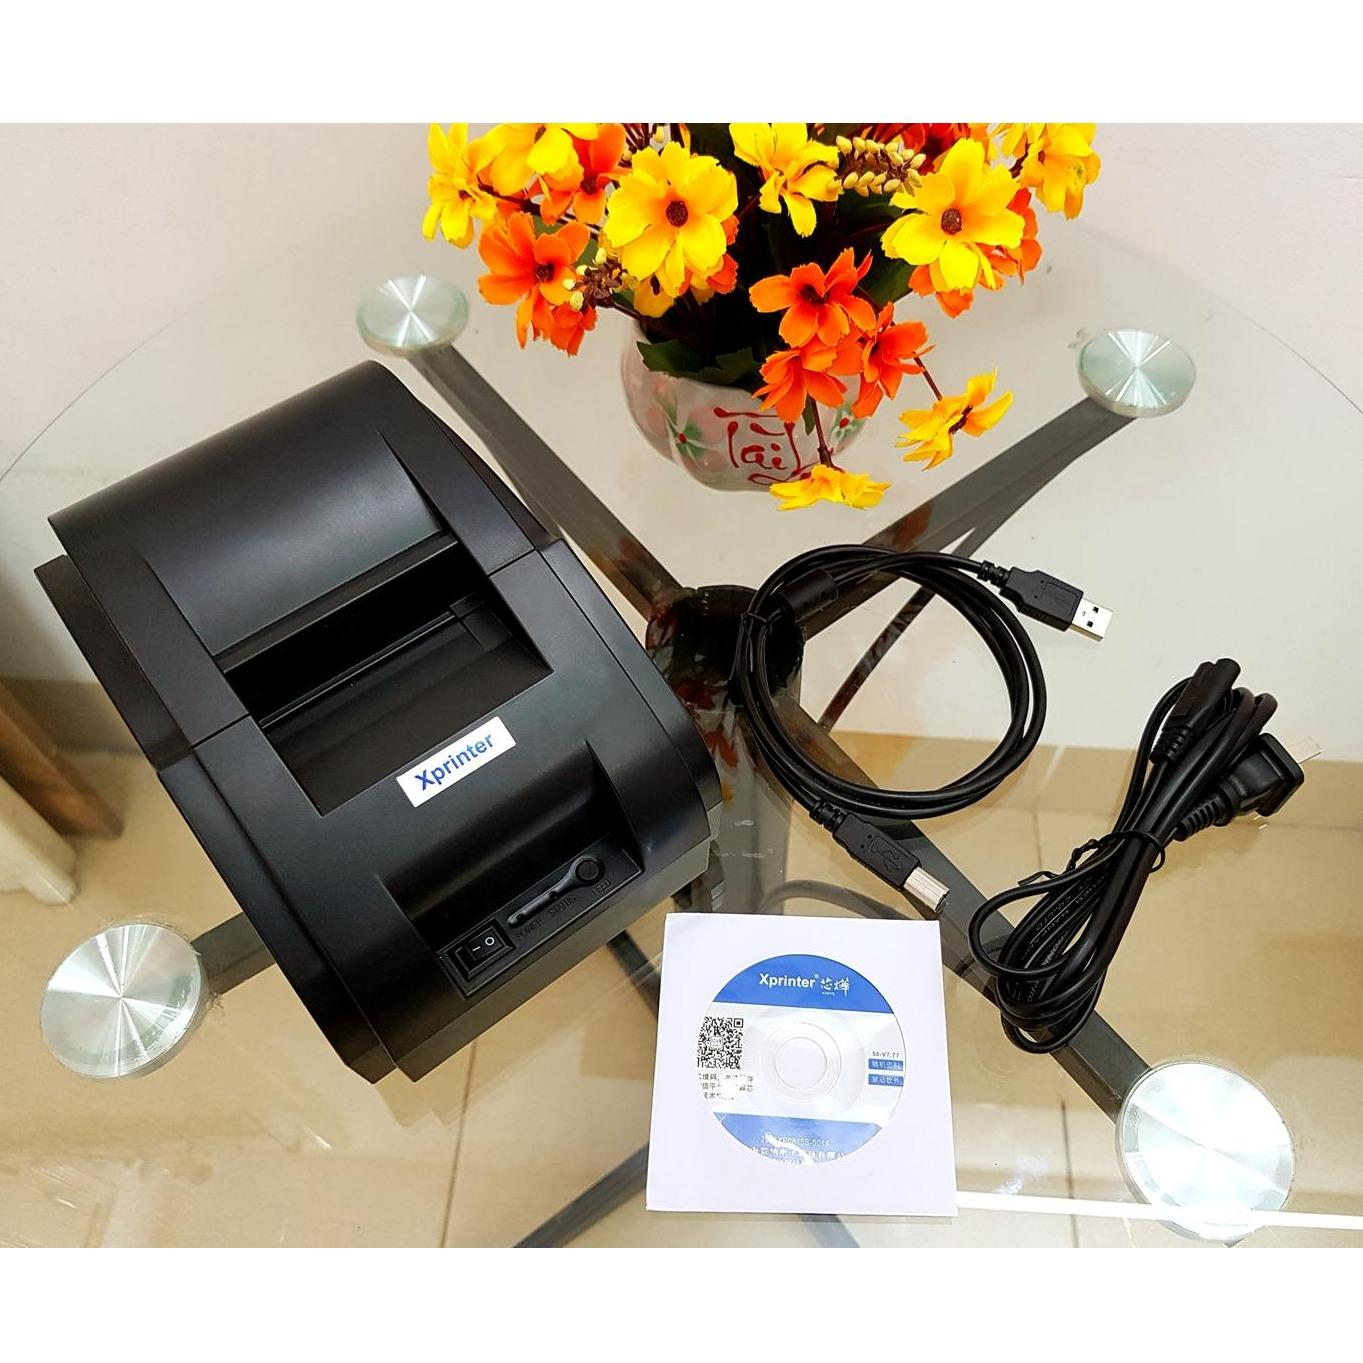 Máy in hóa đơn Xprinter 58